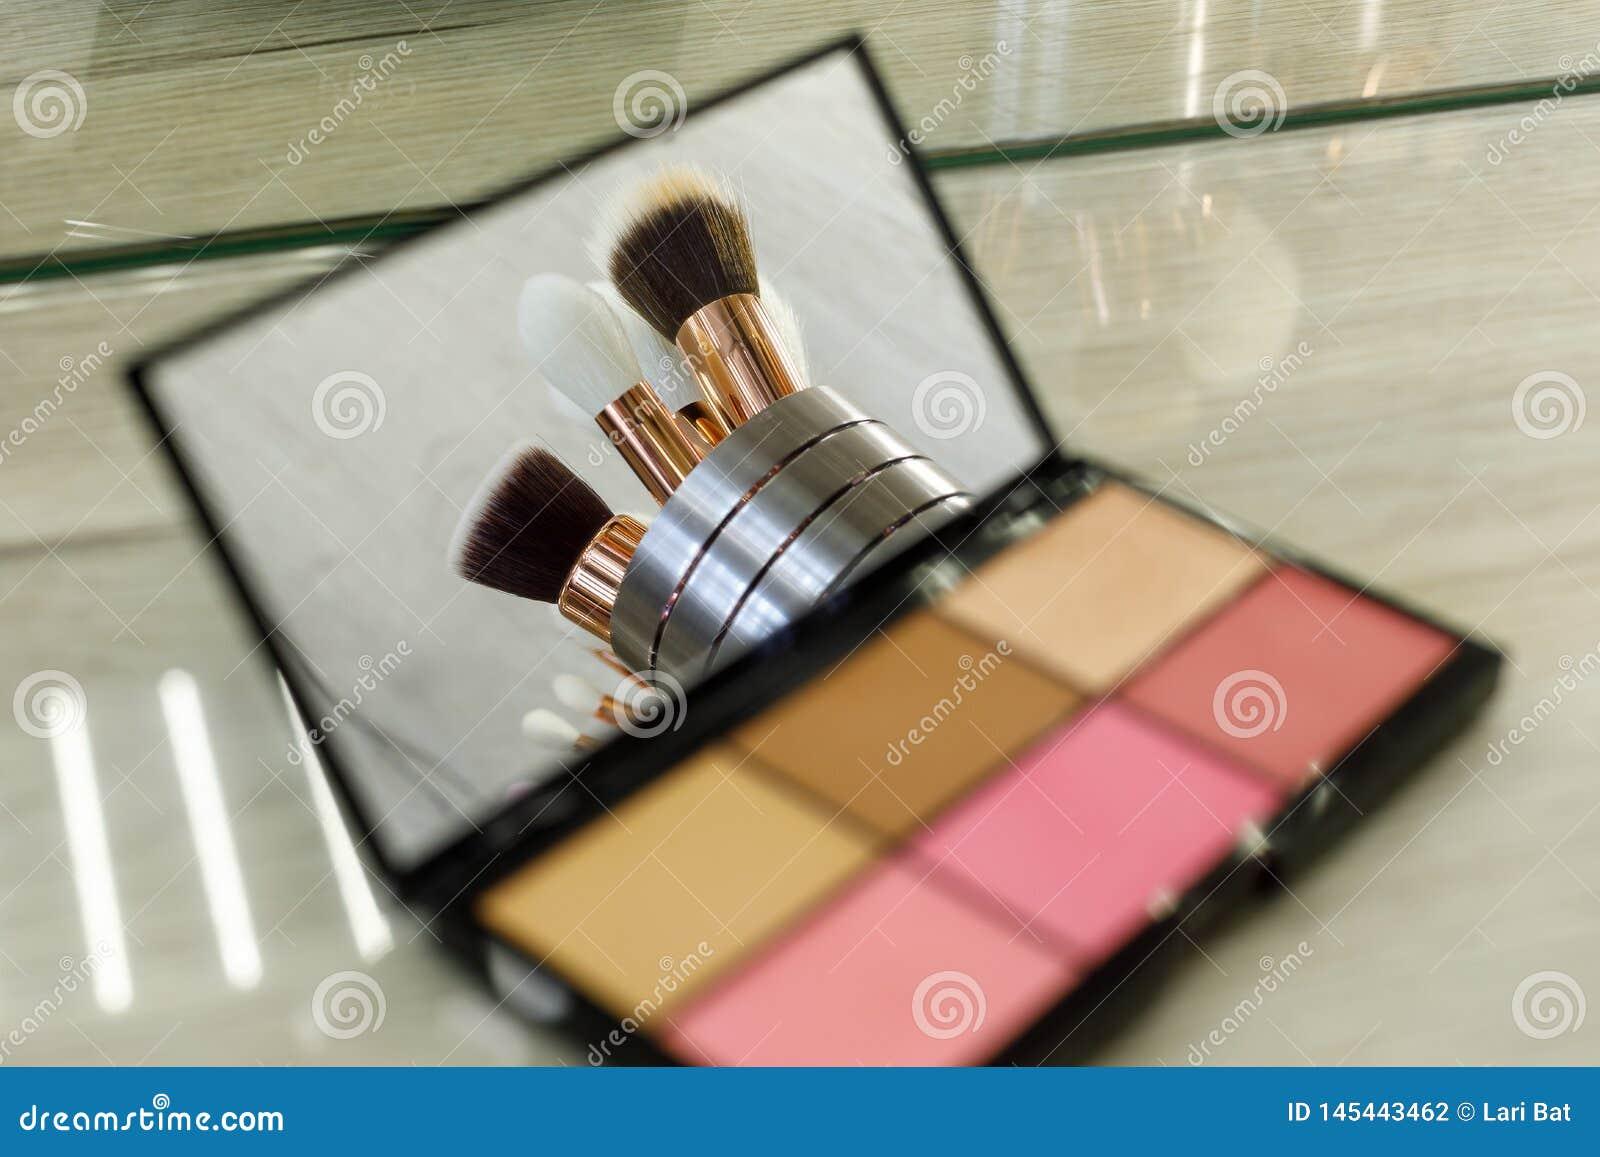 De make-upborstels worden weerspiegeld in een paletspiegel met schaduwen